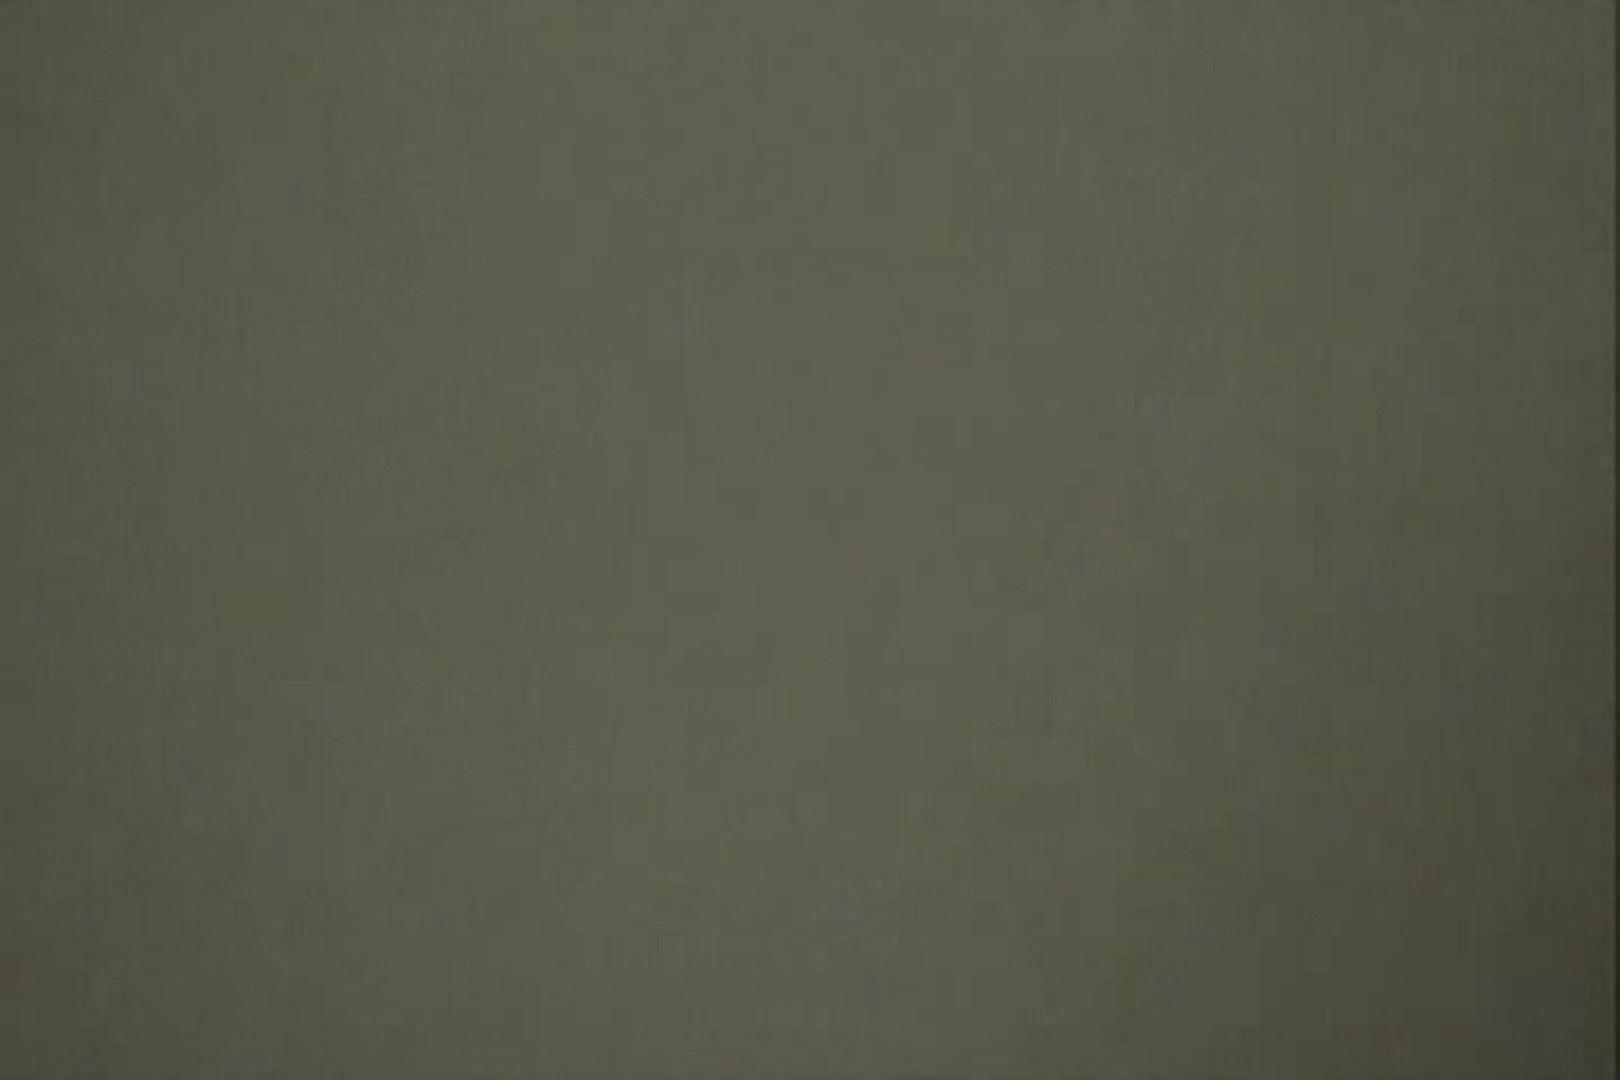 ぼっとん洗面所スペシャルVol.4 おまんこ 覗きおまんこ画像 94PIX 29